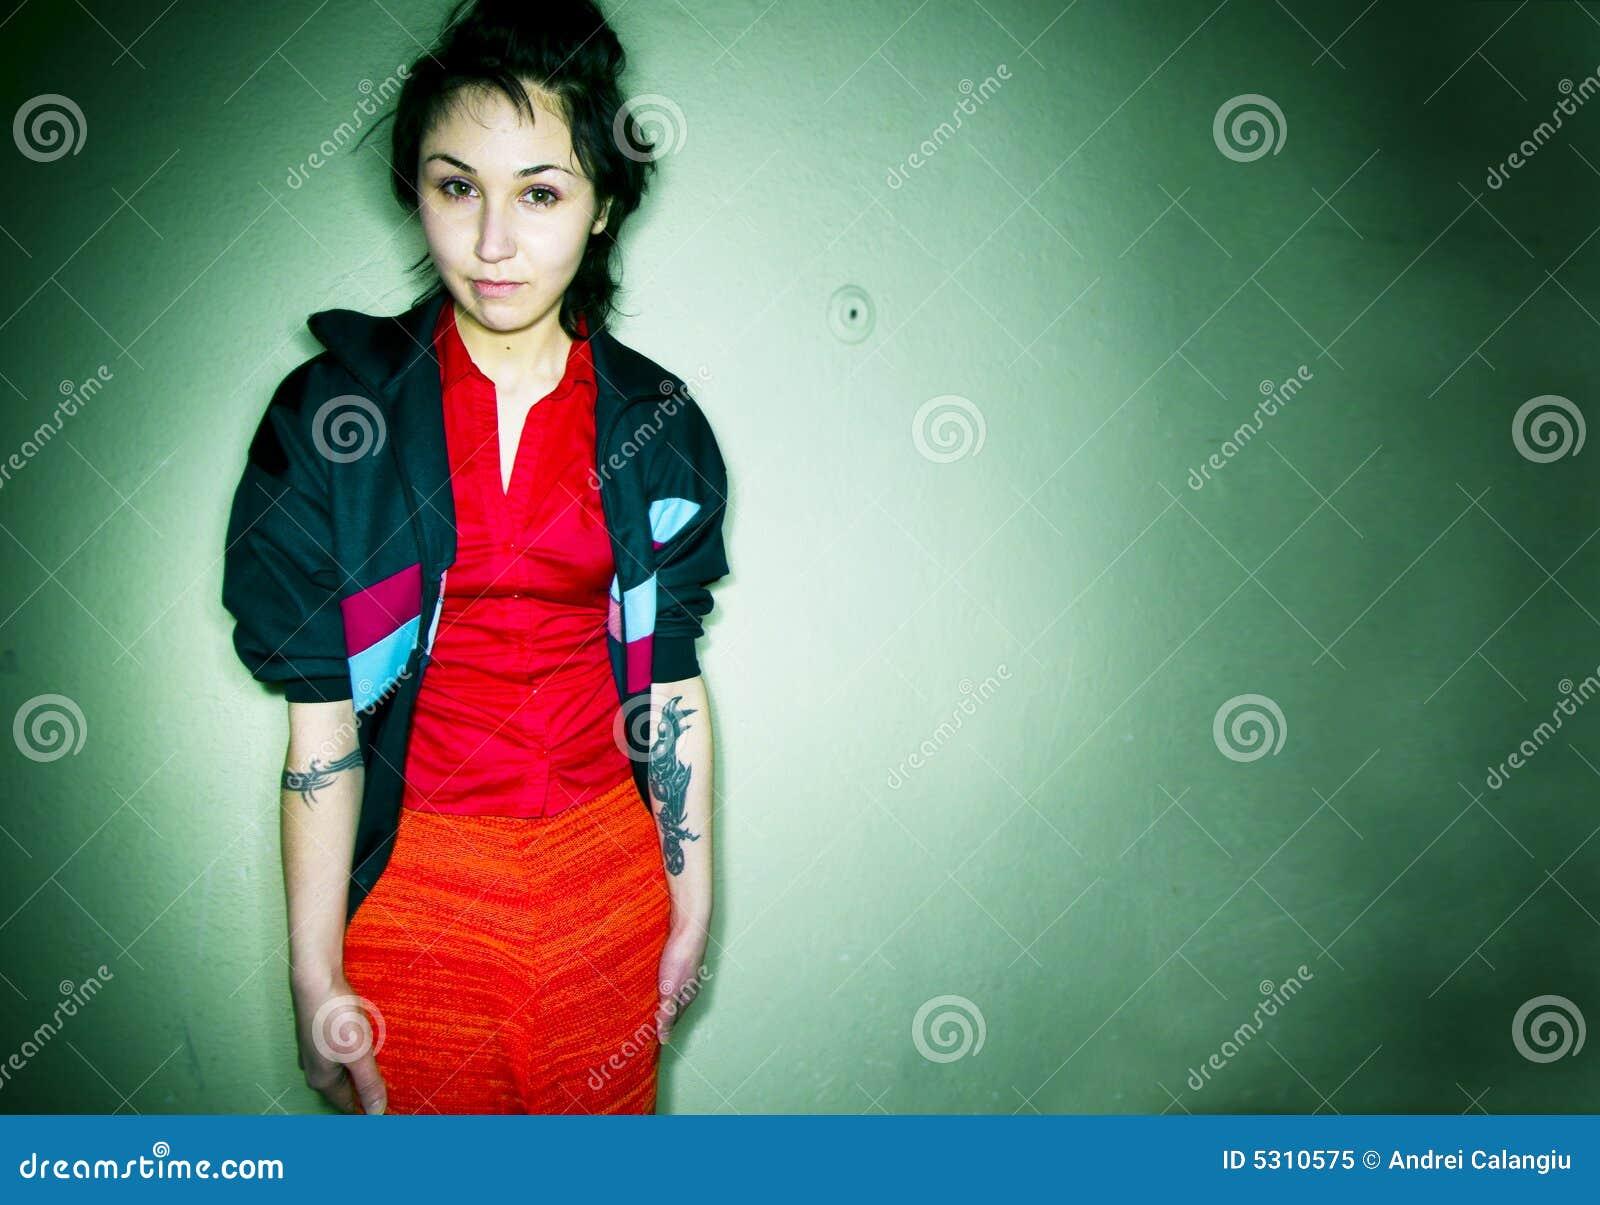 Download Ragazza punk immagine stock. Immagine di gioventù, modo - 5310575